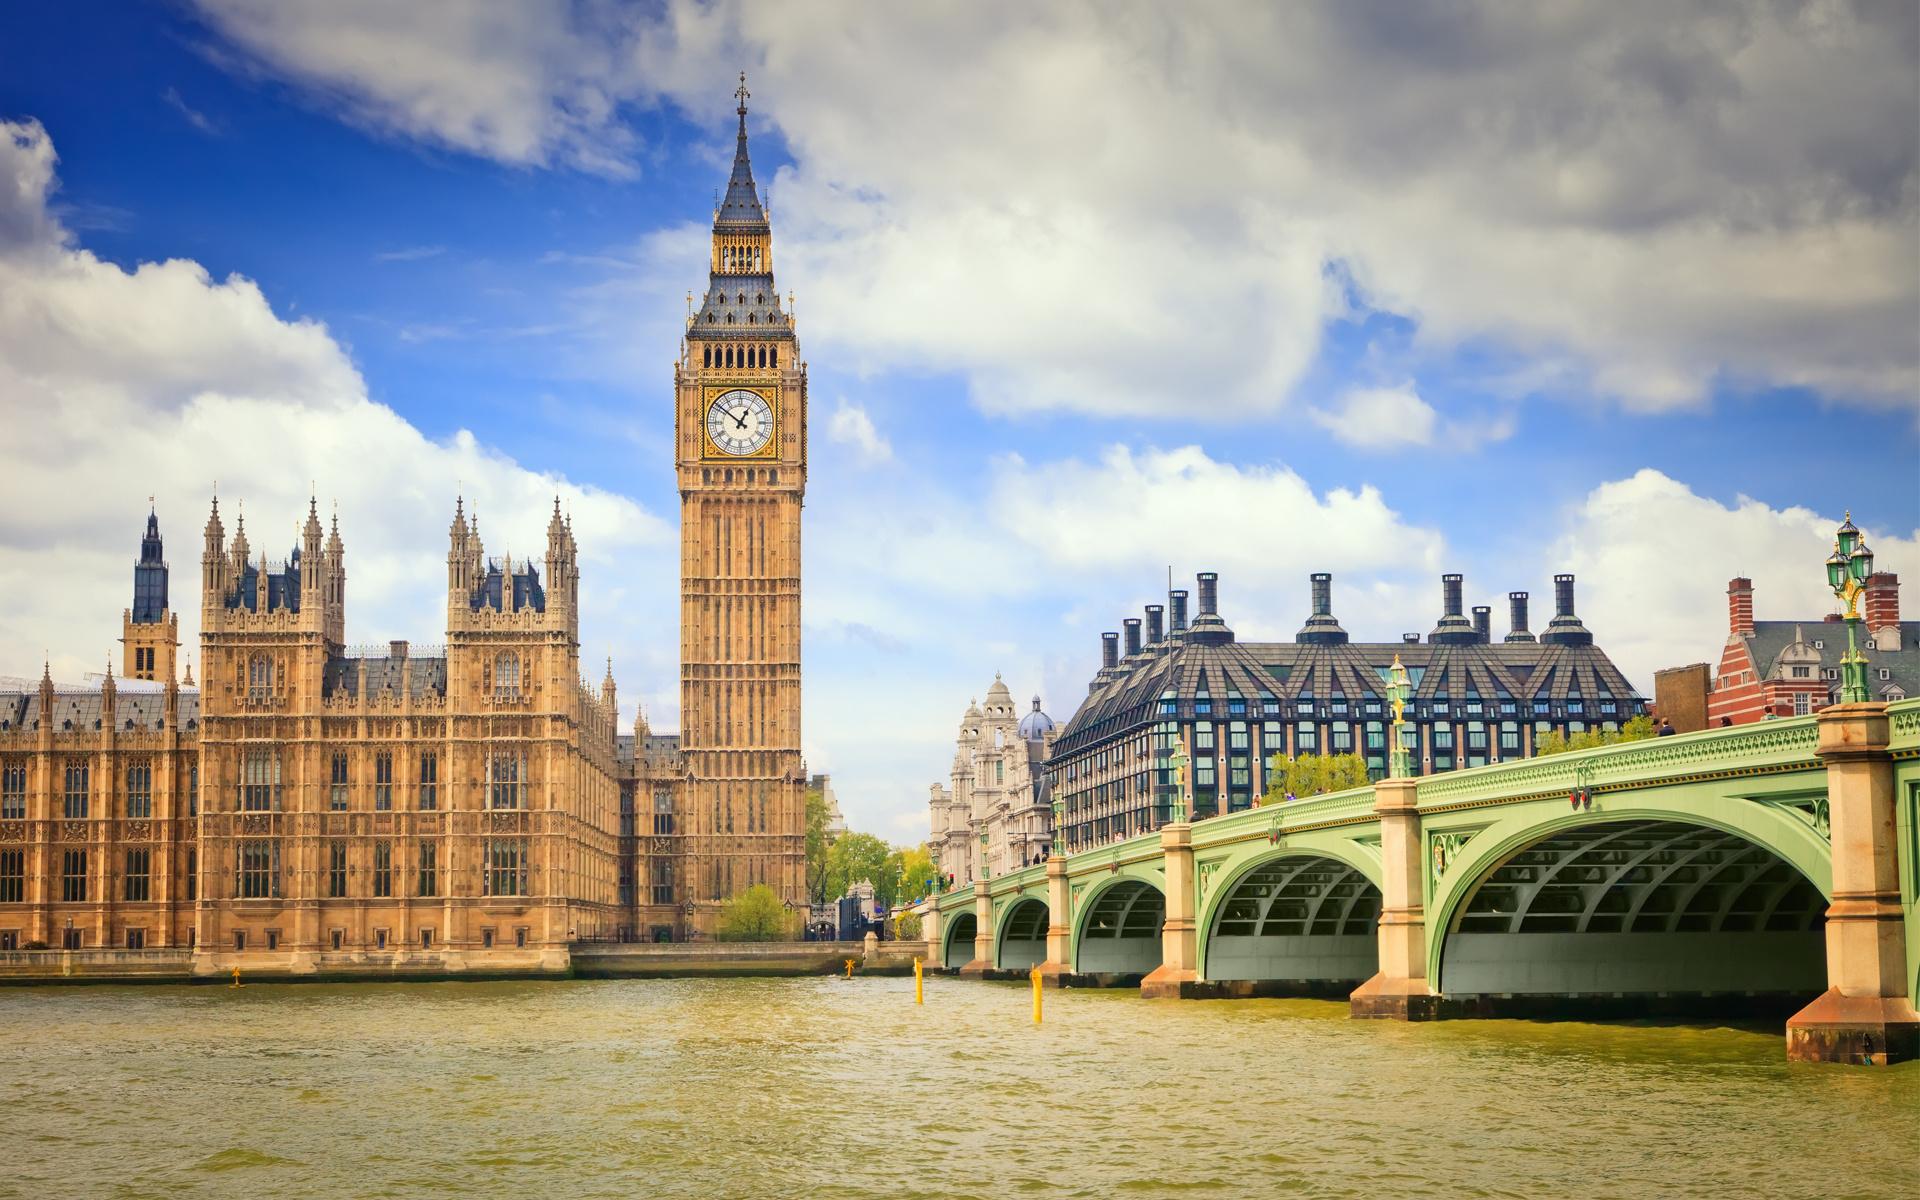 что фото лондона достопримечательные места такие игрушки